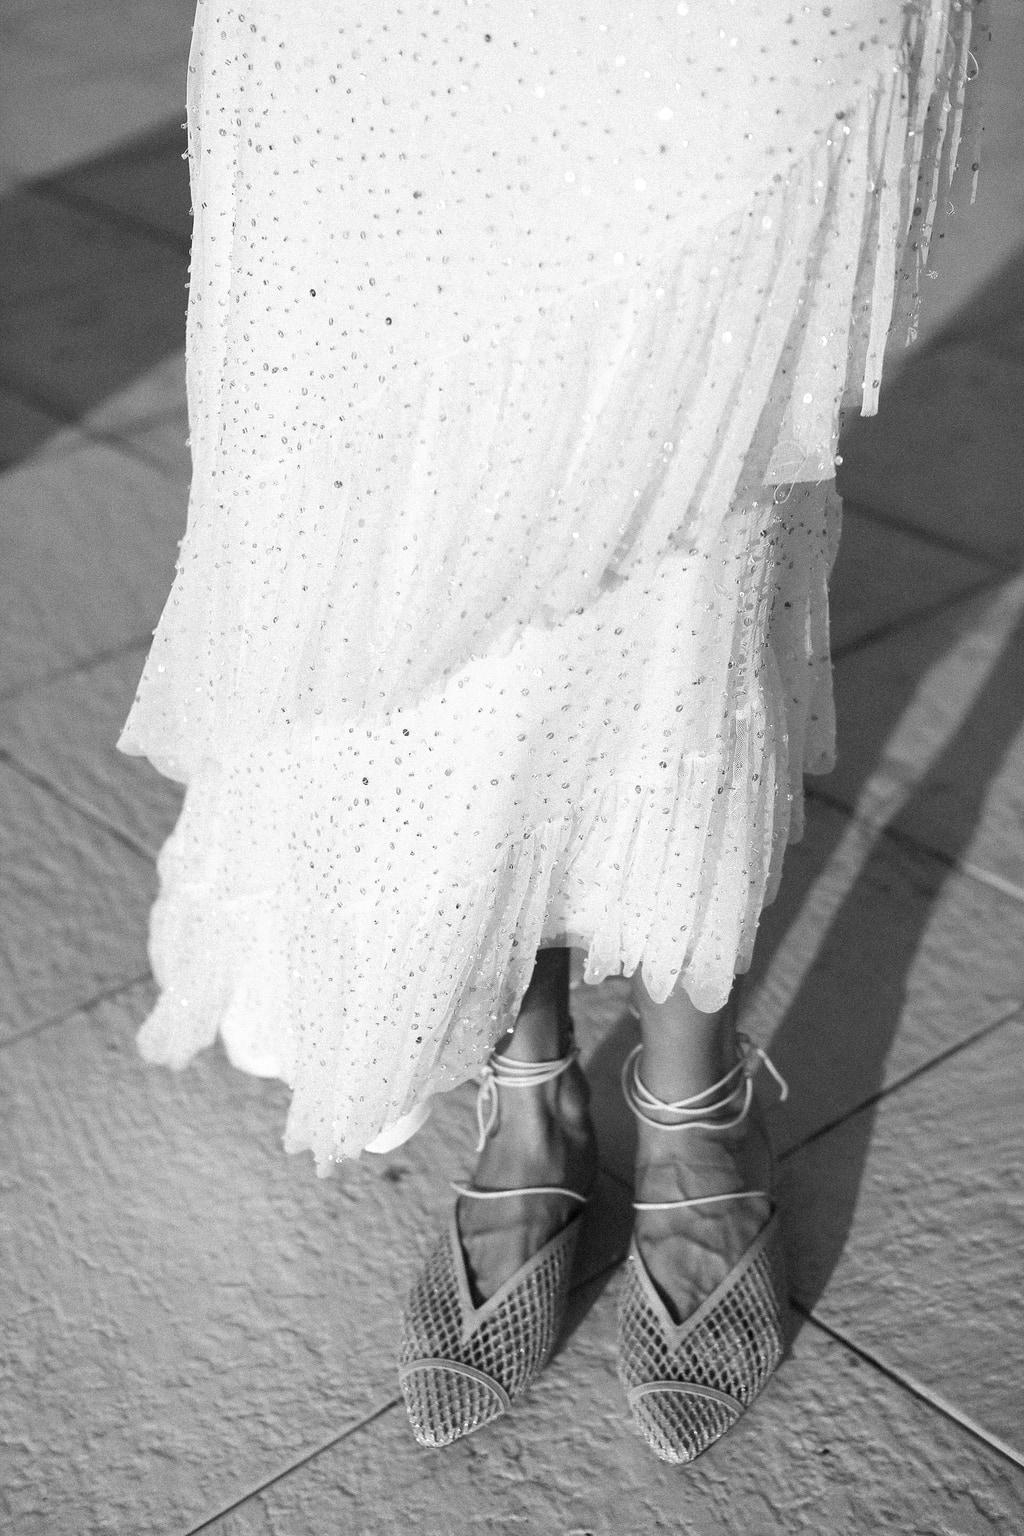 vestidos-ano-novo-reveillon-vestido-de-festa-julia-golldenzon-56